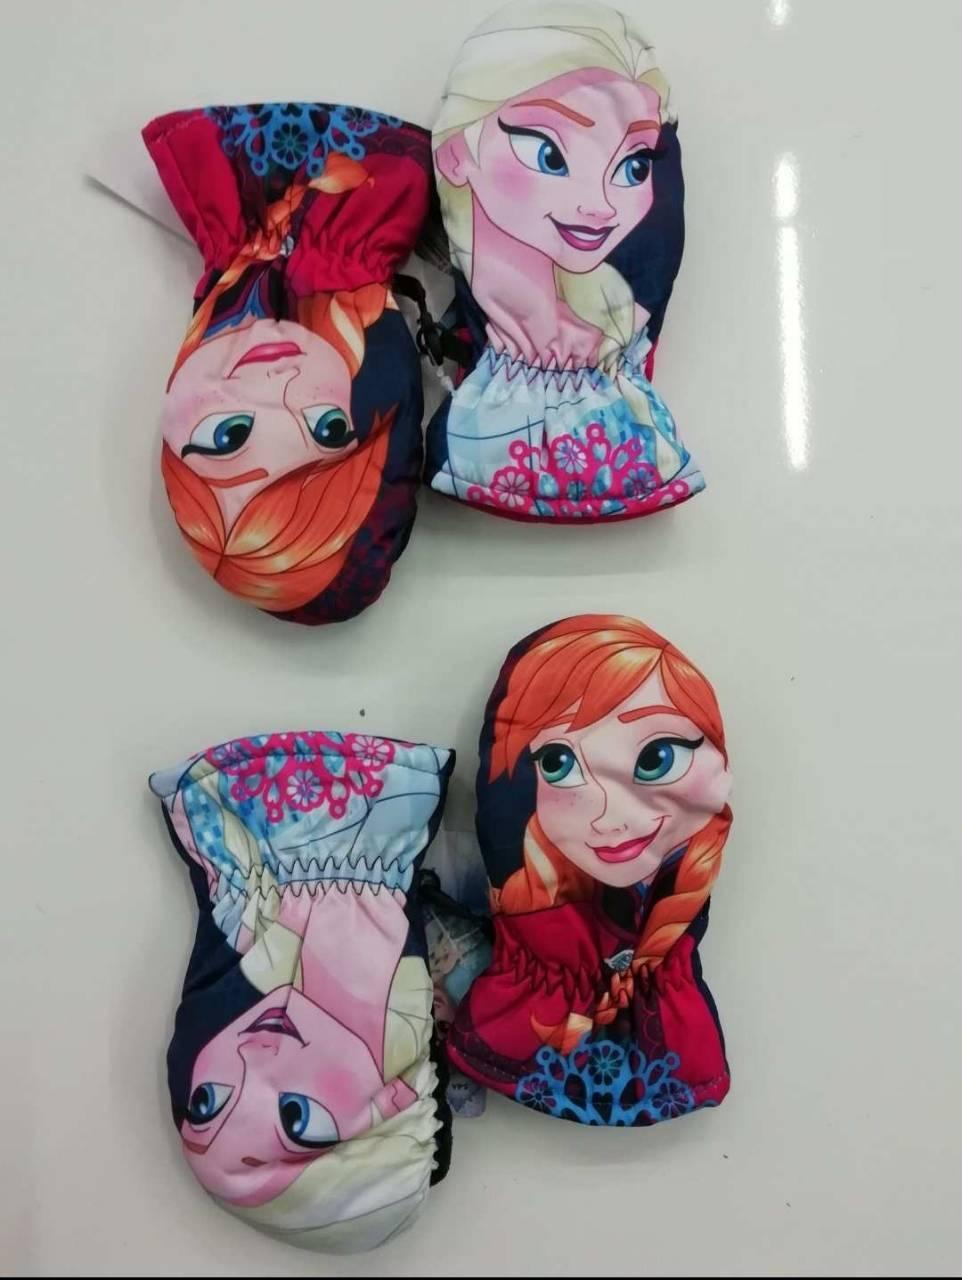 Варежки балоневые Disney для девочек оптом, размеры 3-6 лет, арт. FR-G-GLOWES-80